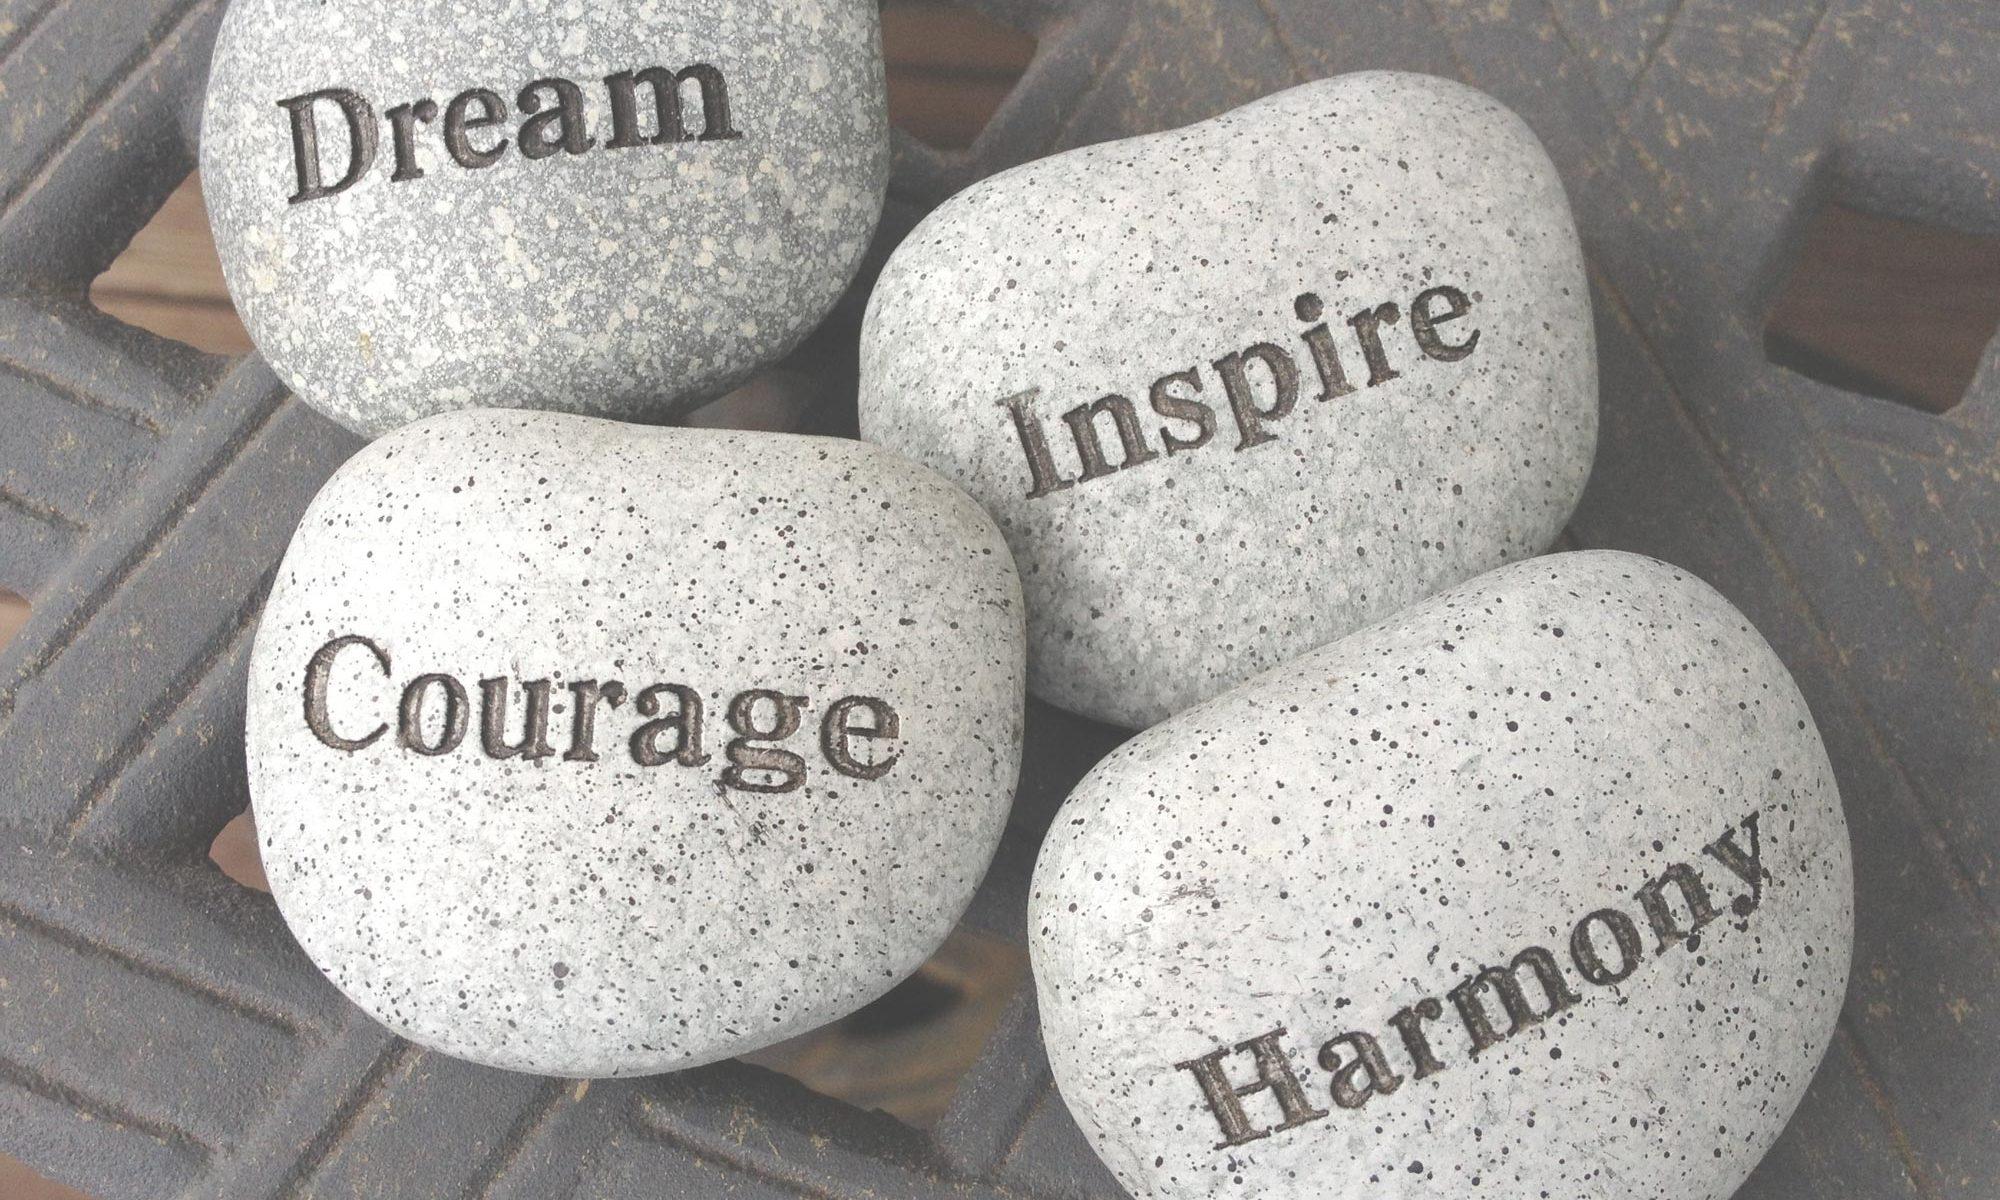 overcoming discouragement after divorce